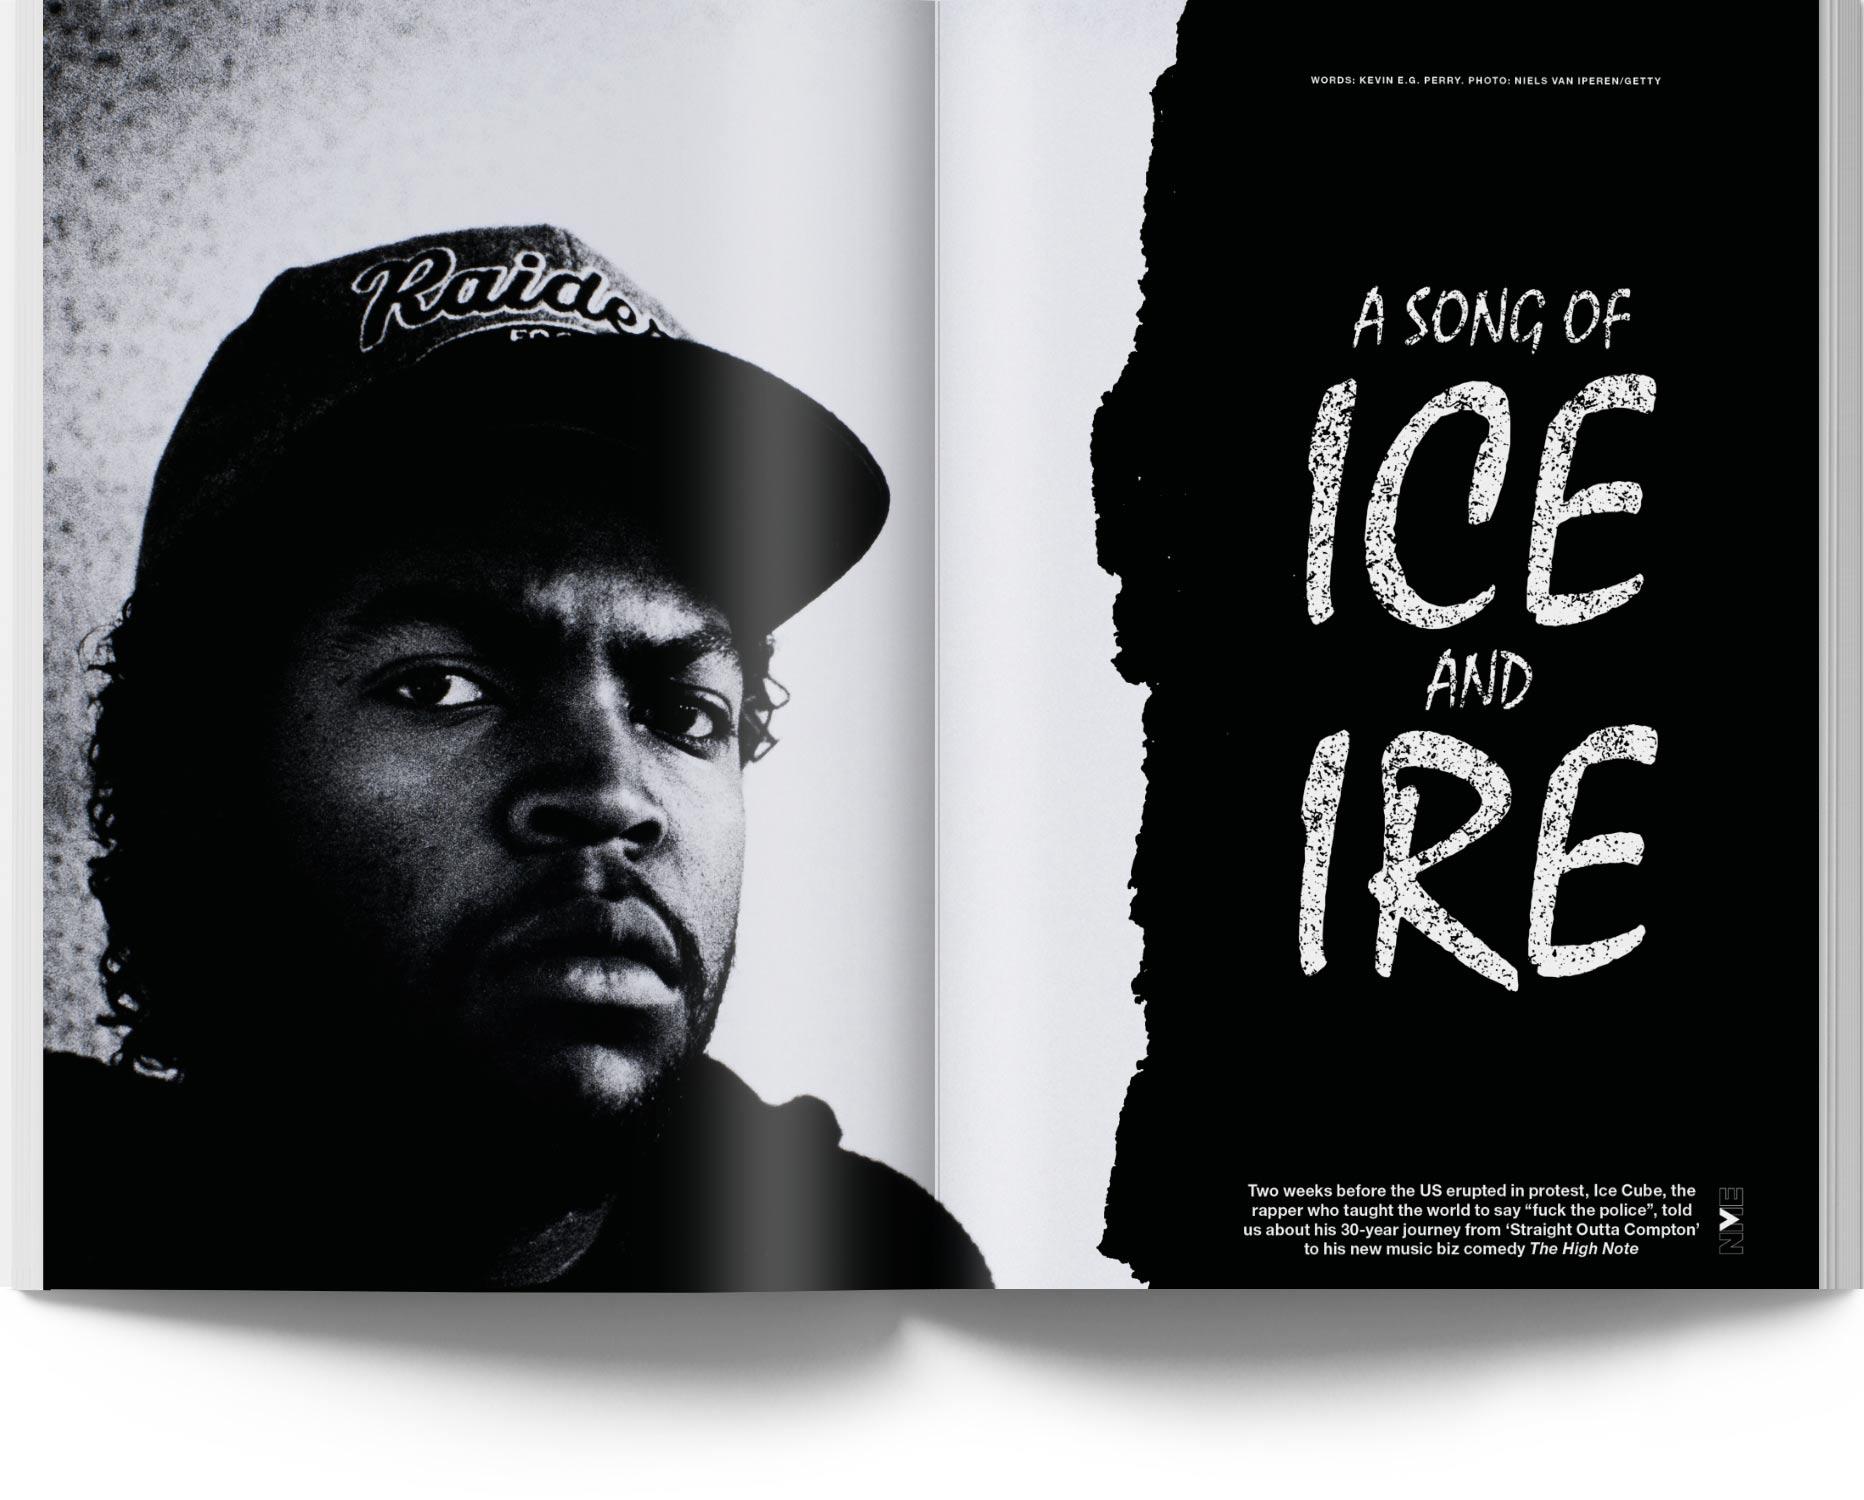 NME Australia 07 - Ice Cube